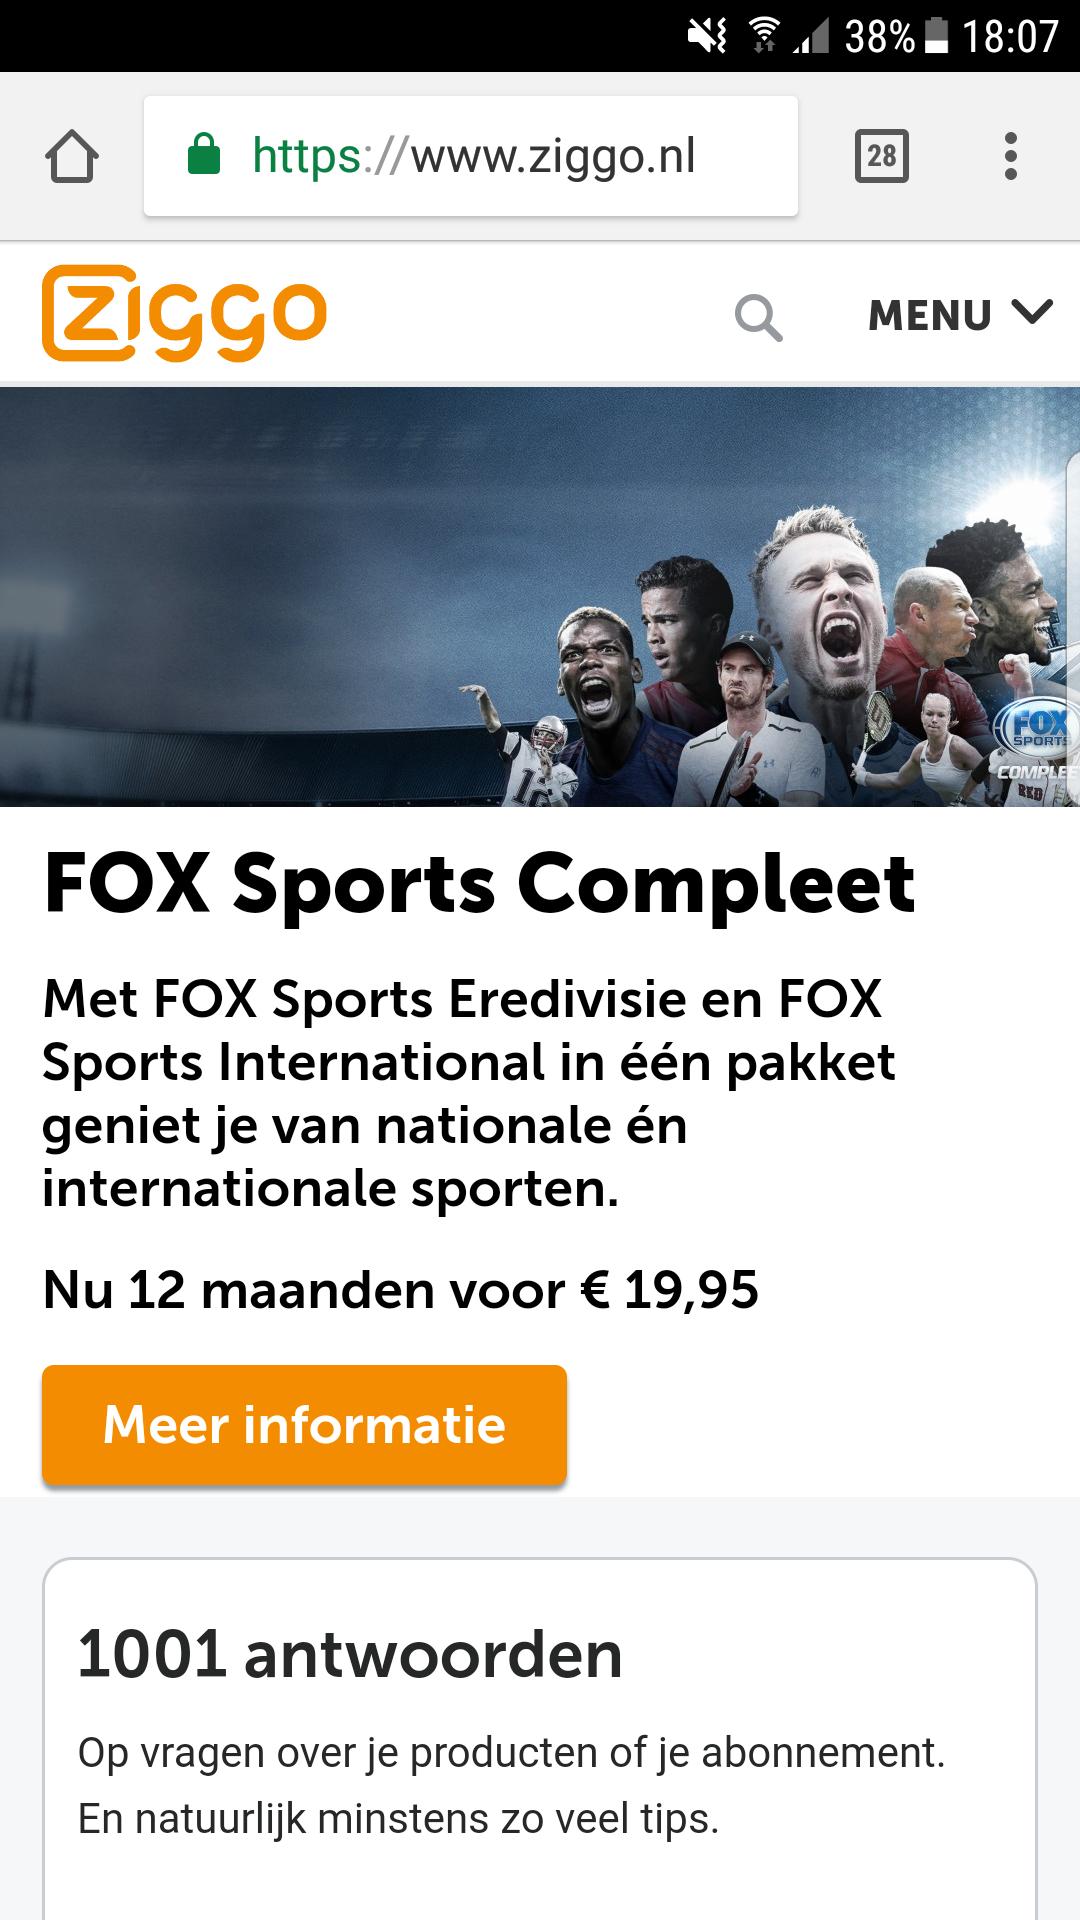 Fox sports compleet nu 12 maanden voor €19,95 per maand @ Ziggo